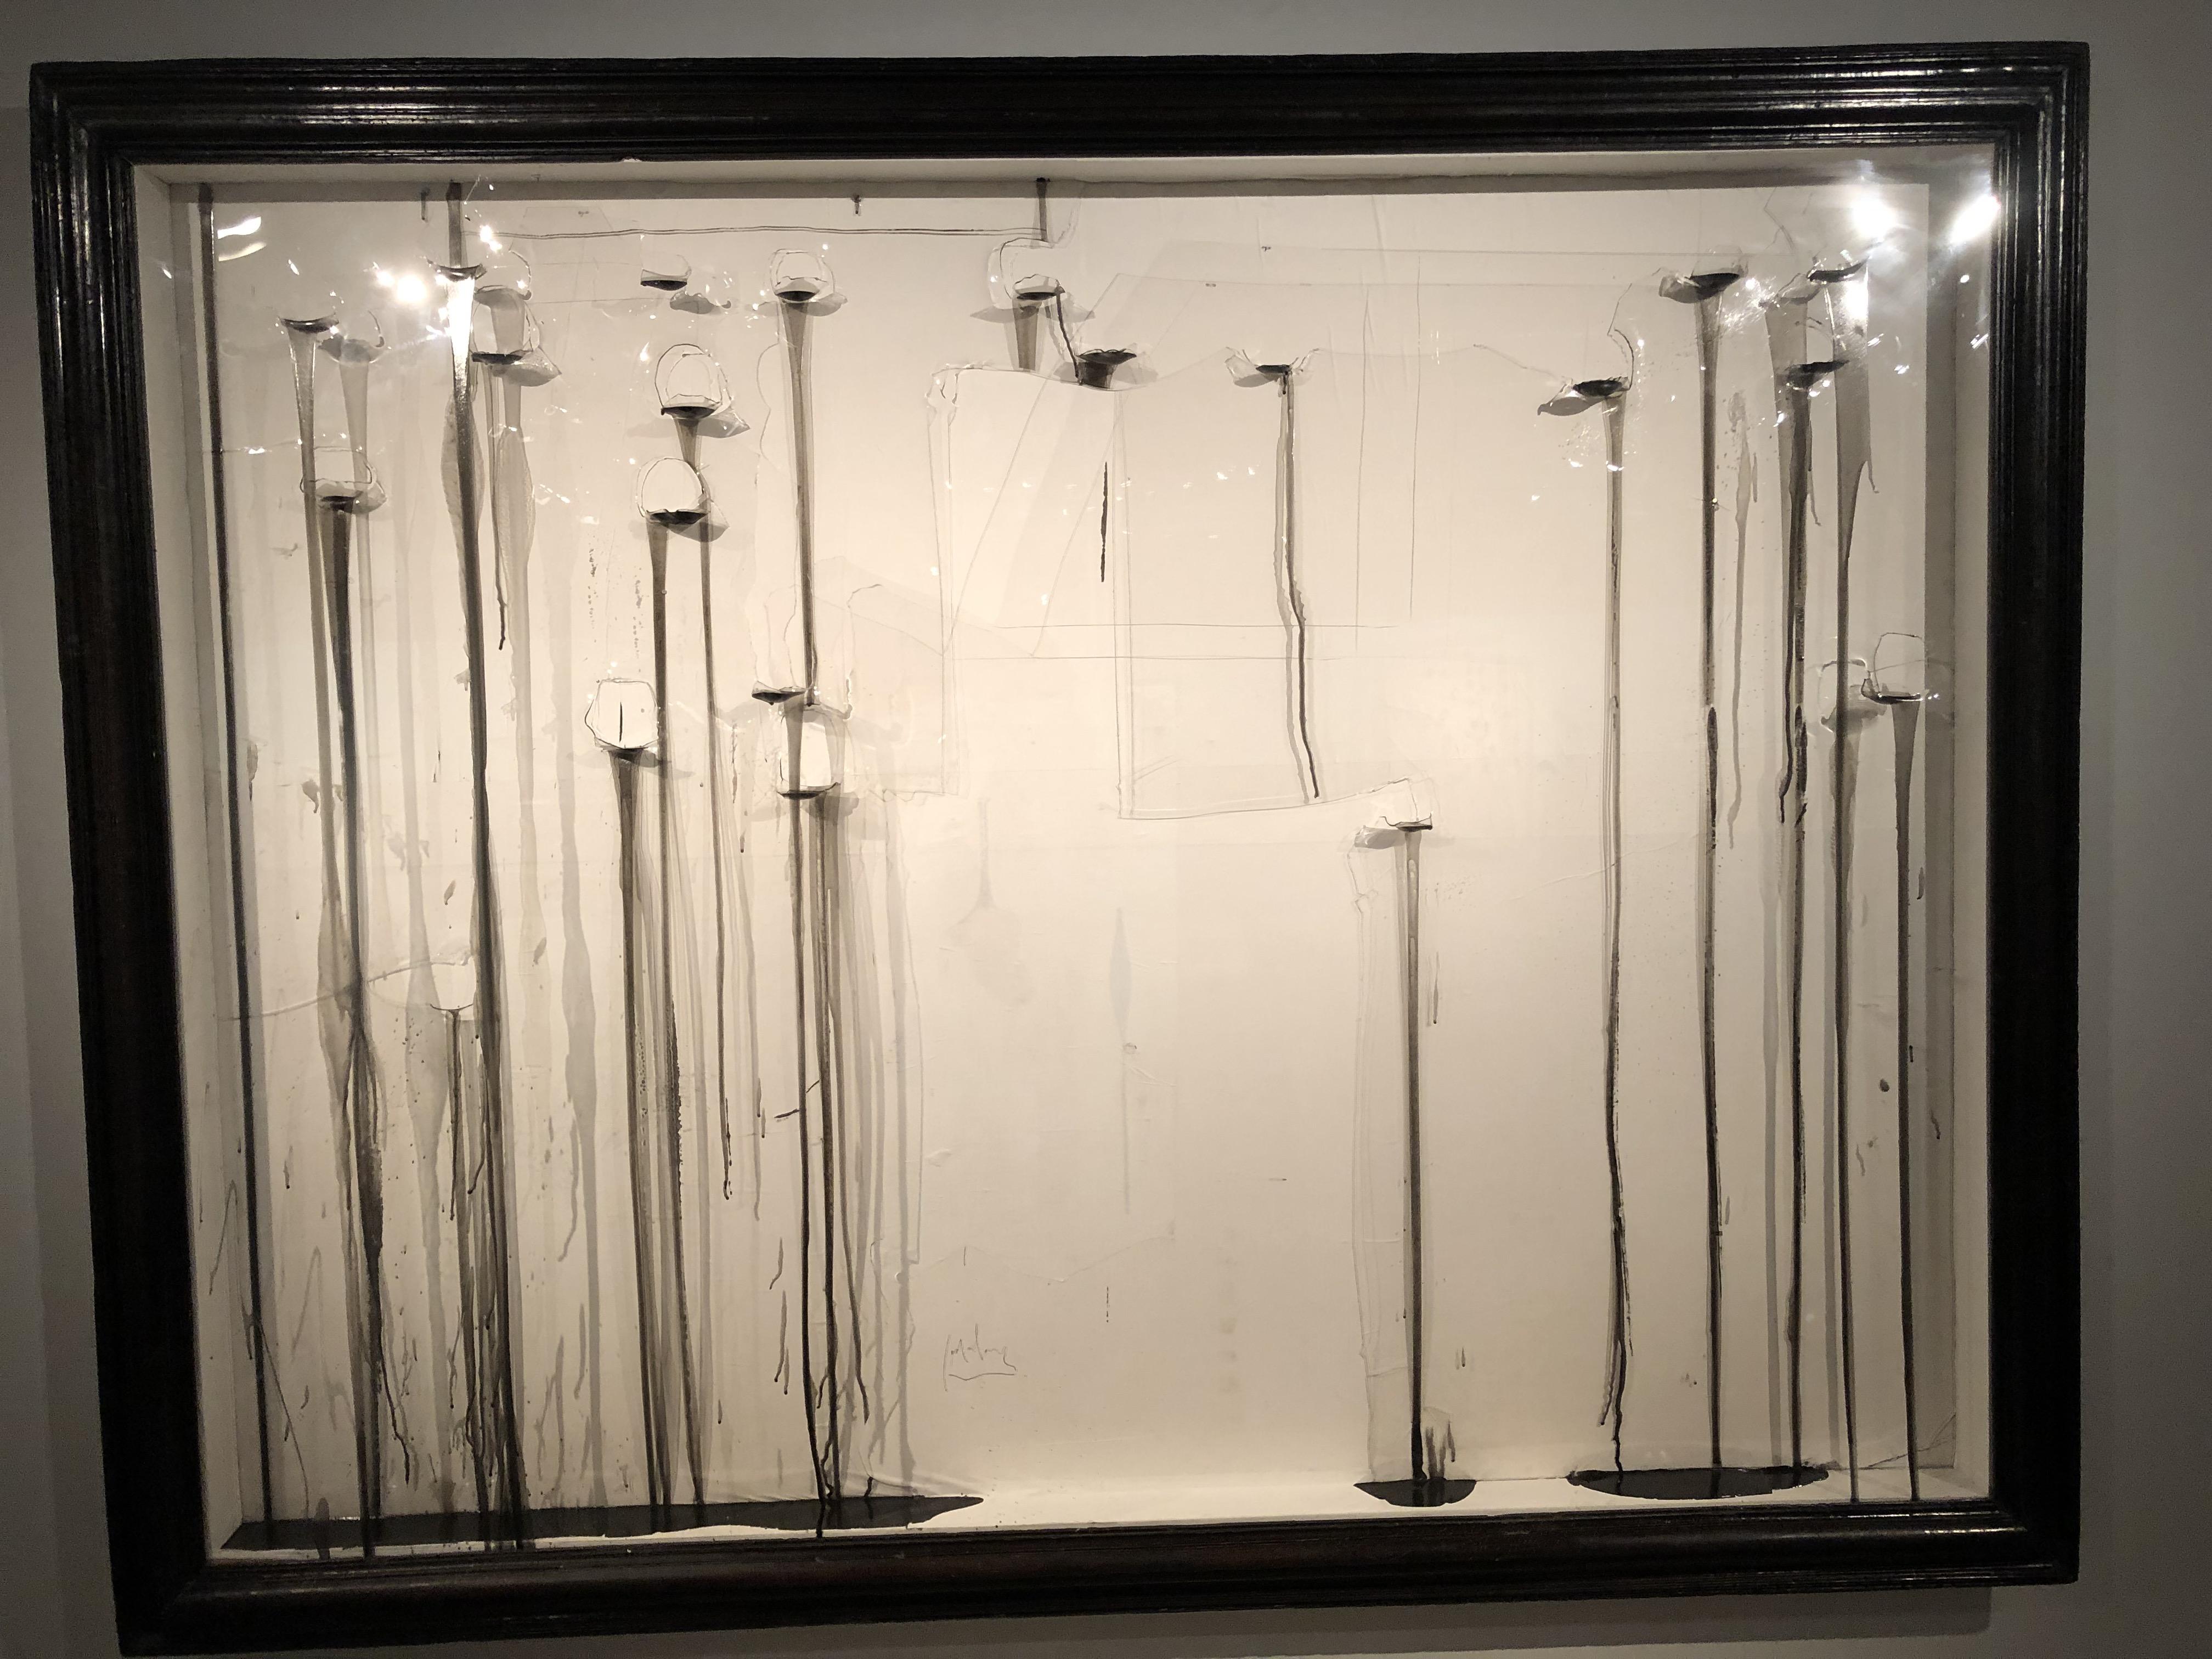 Jordi Alcaraz. Idees de pintura. 2019